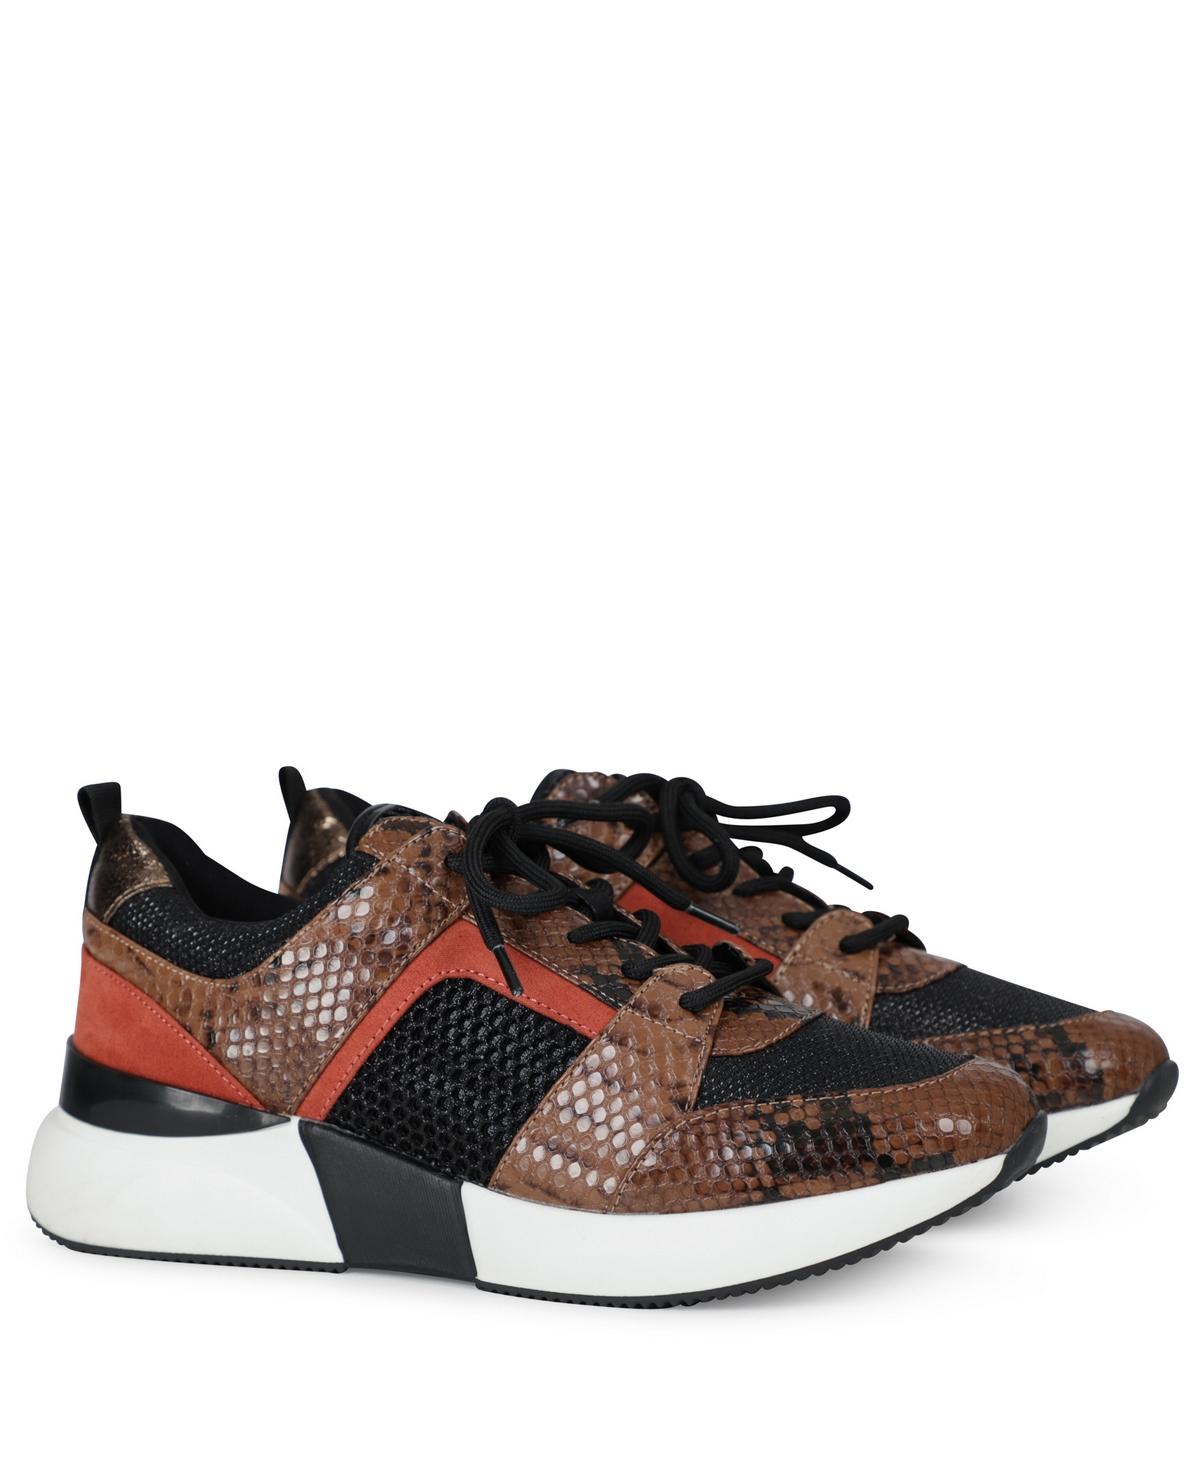 La Strada Sneaker Cognac 1807433